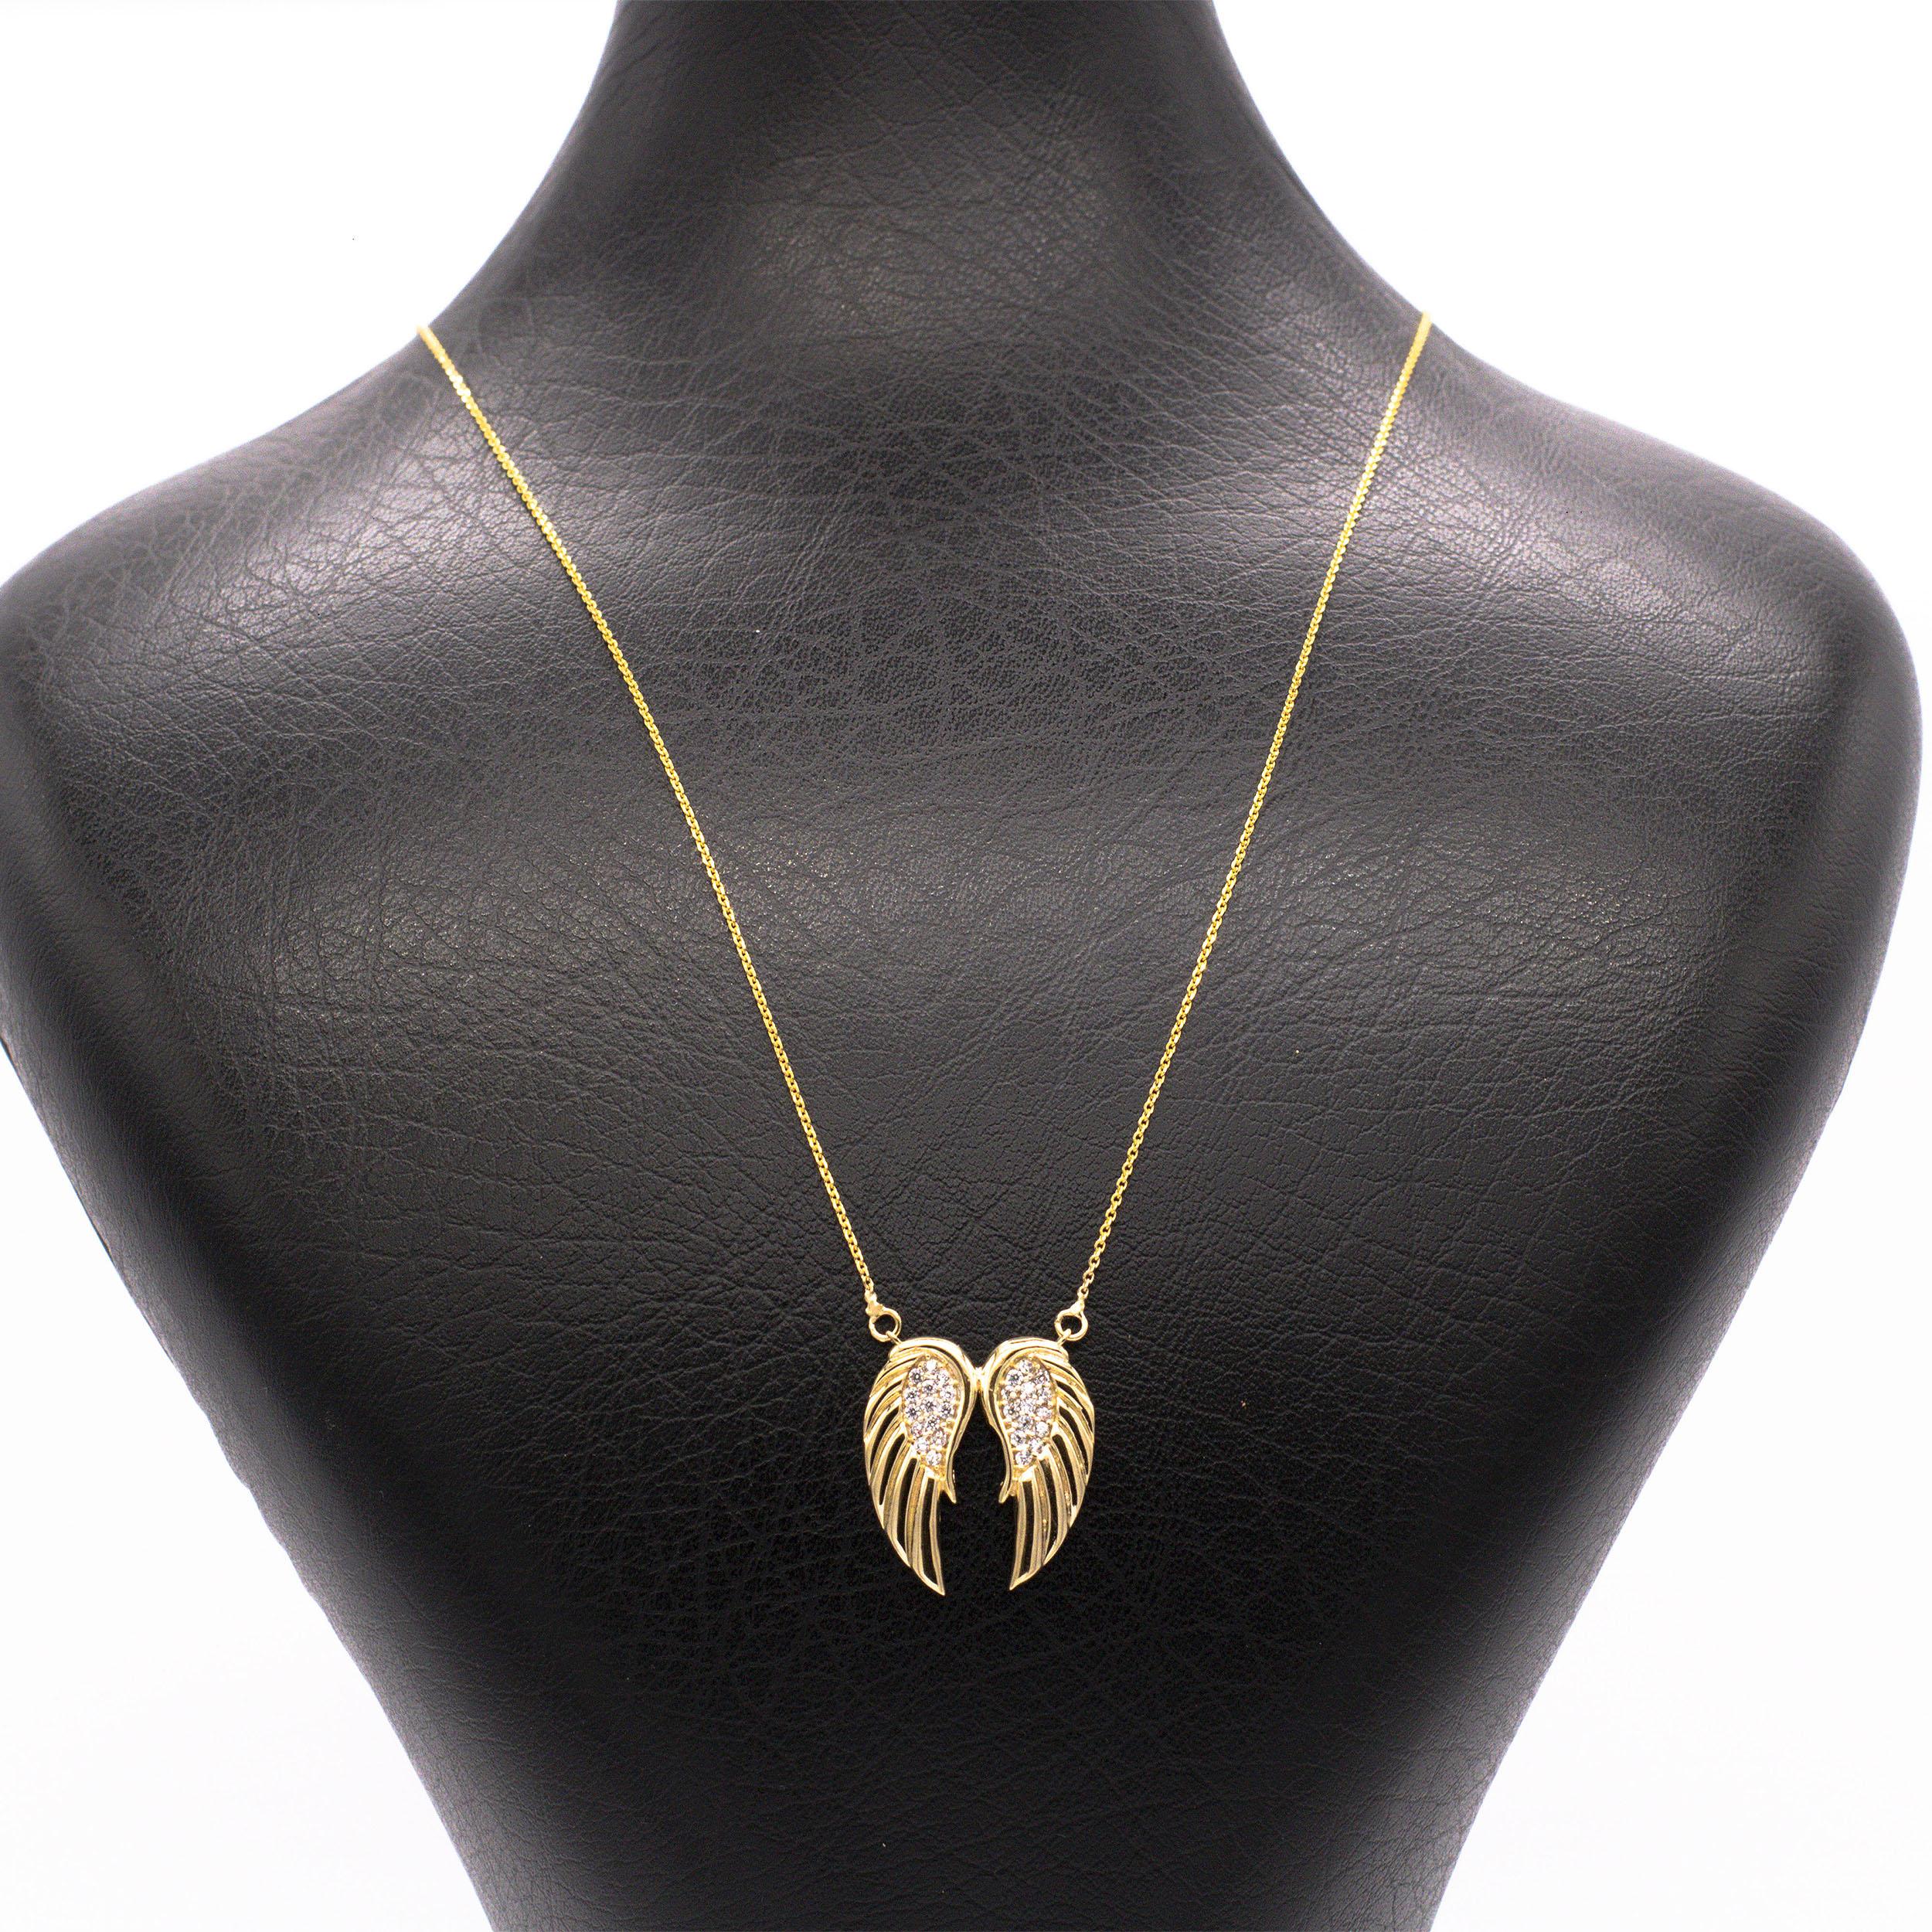 گردنبند طلا 18 عیار زنانه طرح بال فرشته کد G431